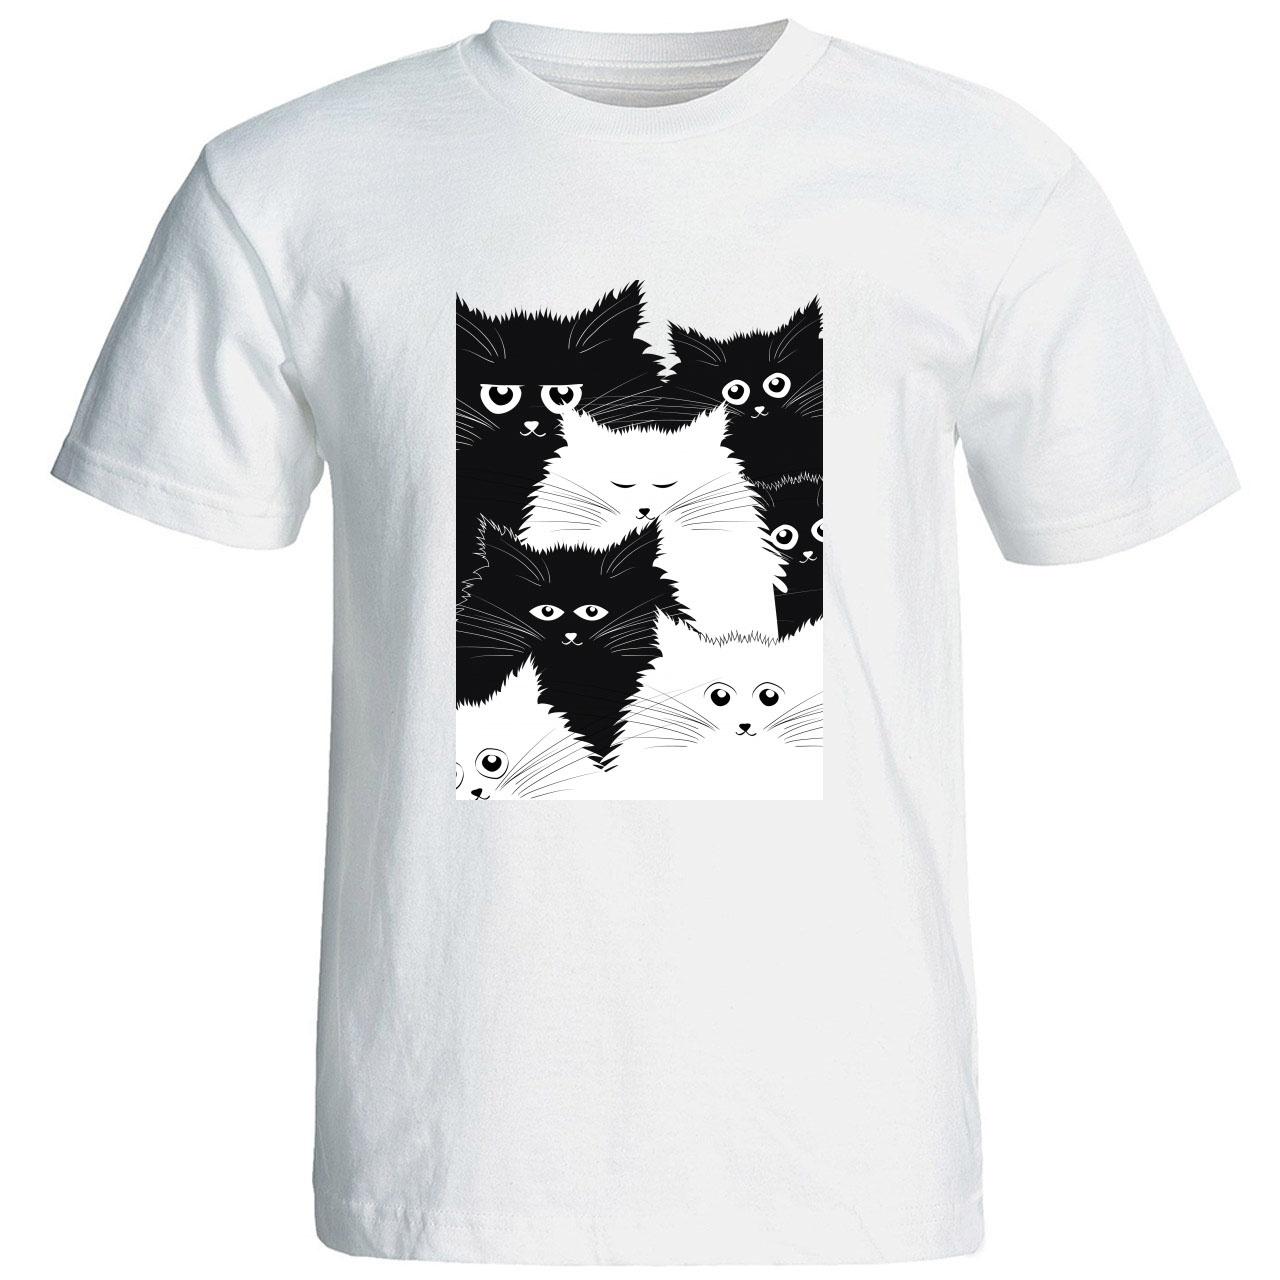 تی شرت استین کوتاه زنانه الی شاپ طرح 12542